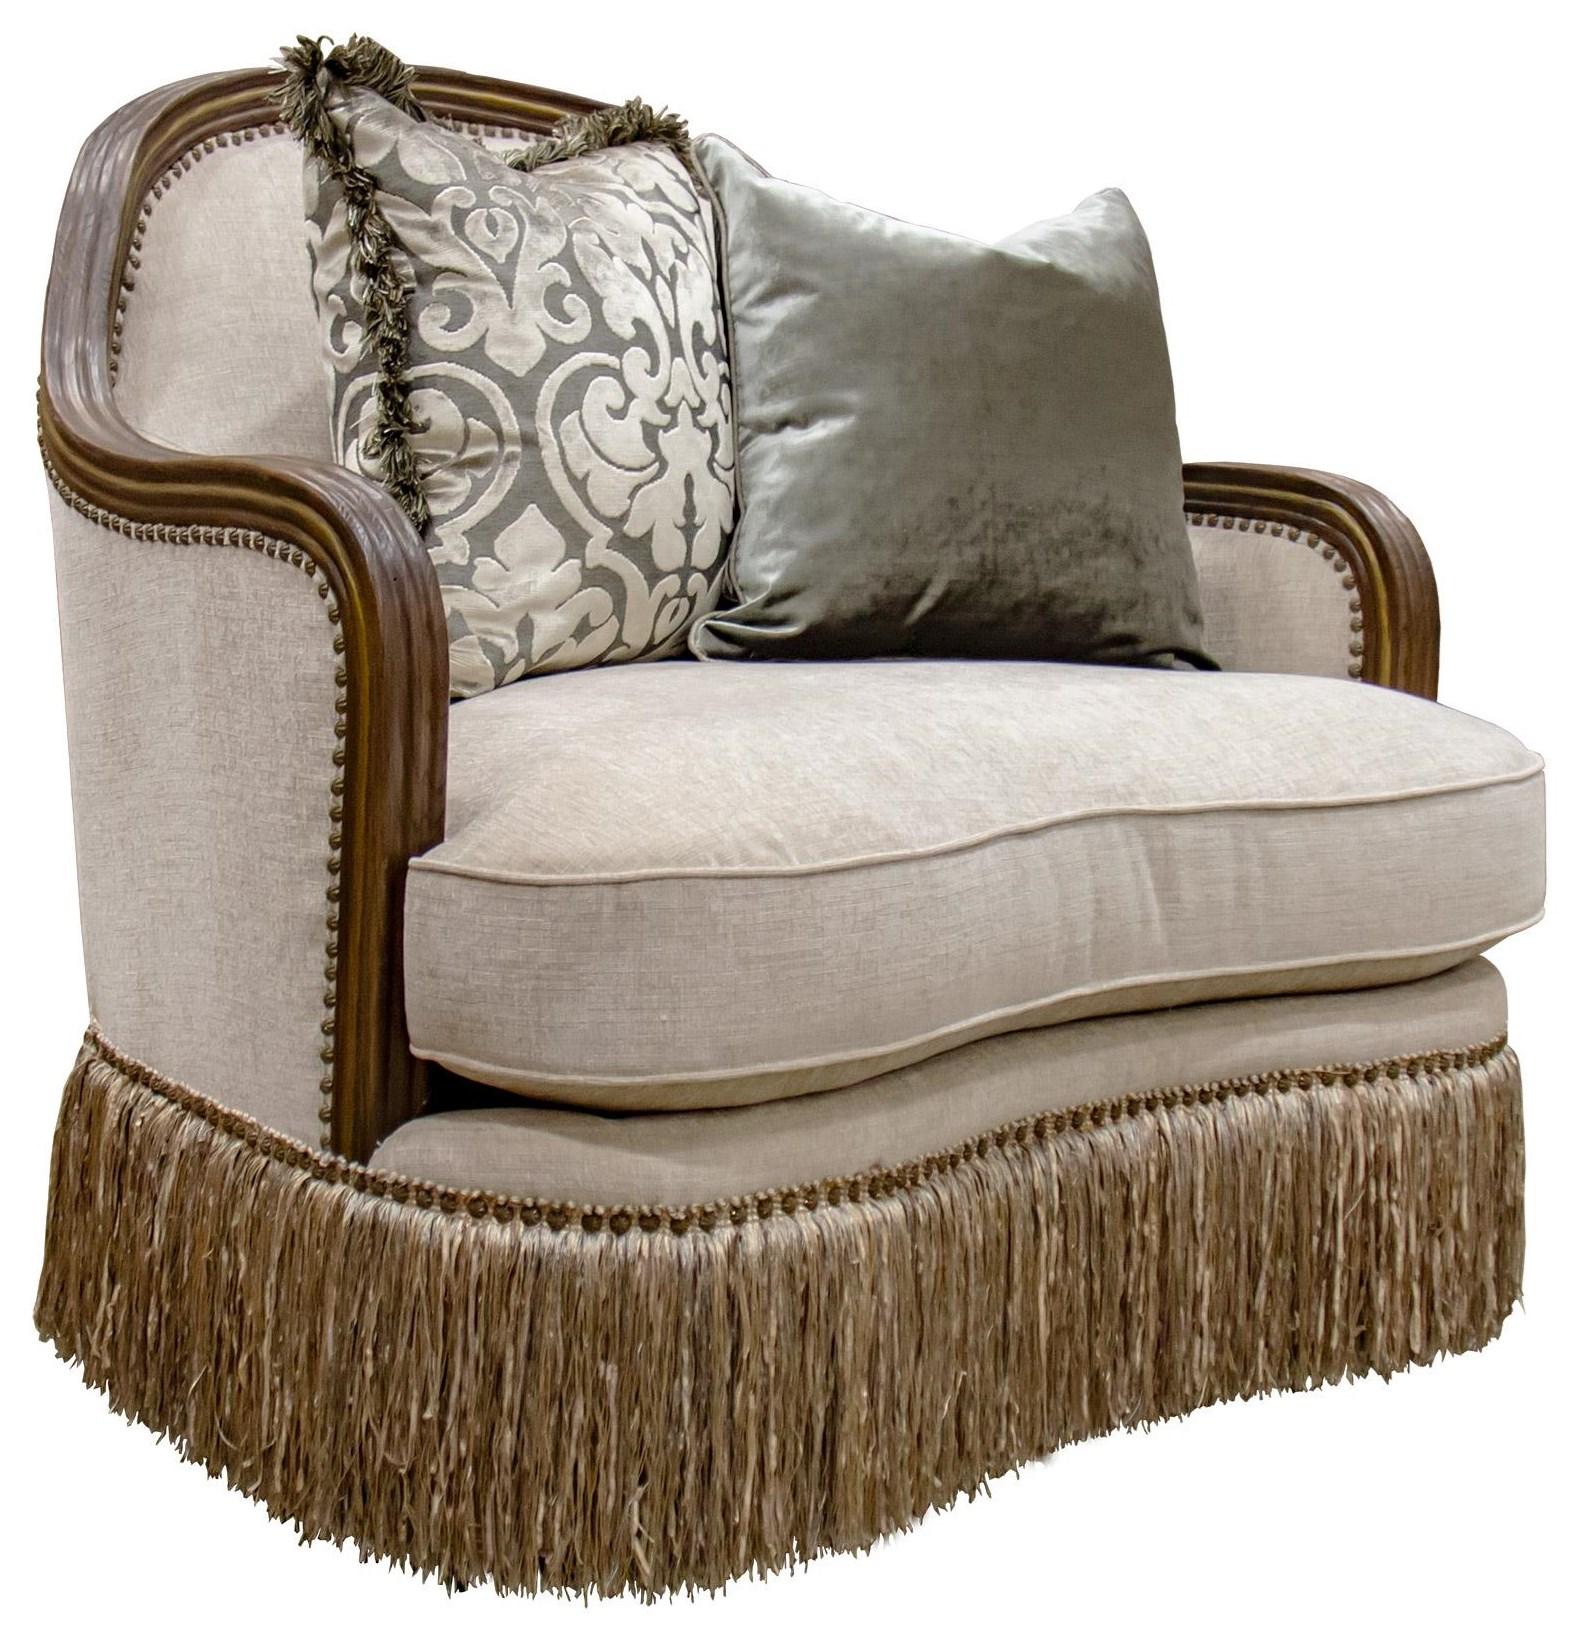 Parchment Chair